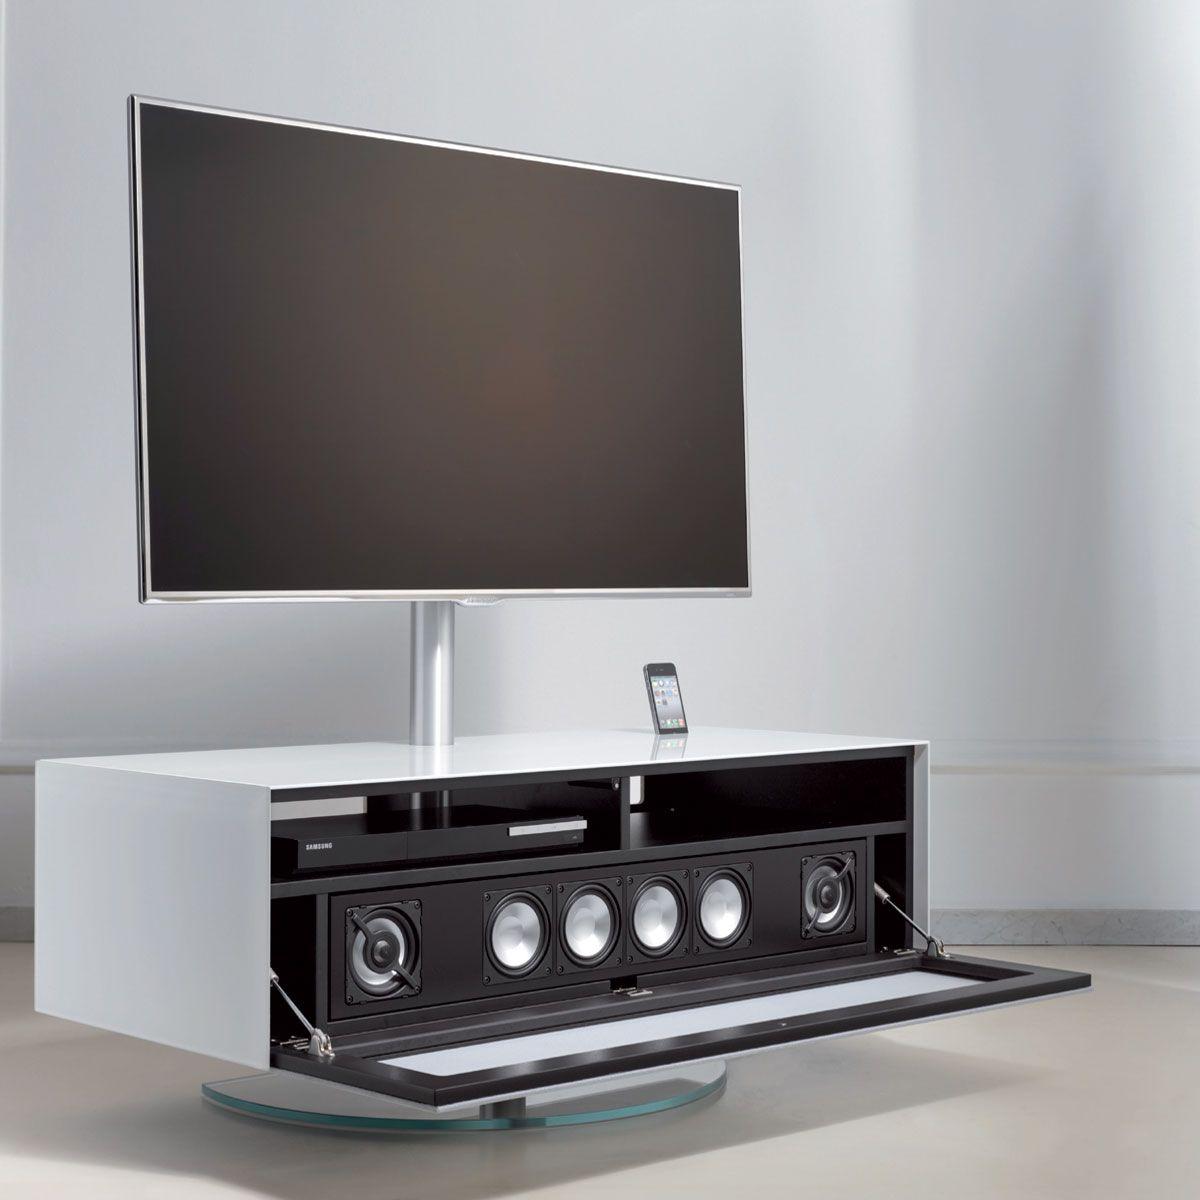 Audio Möbel tolle tv hifi möbel design deutsche deko